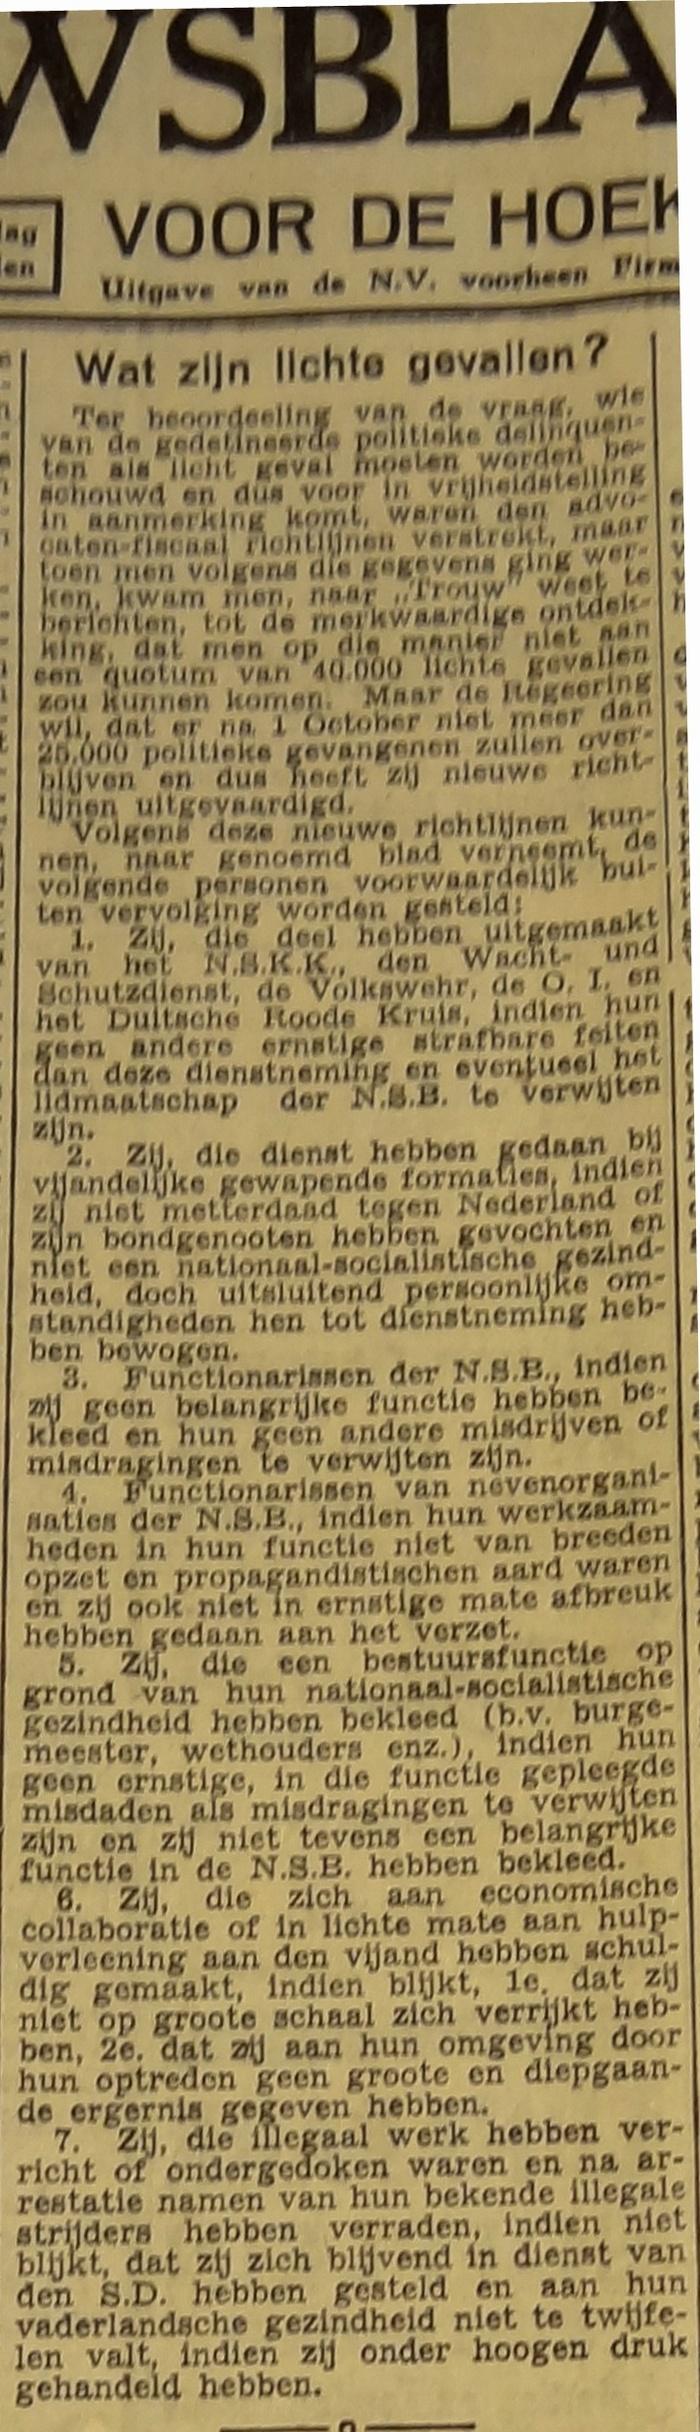 lichte-gevallen-12aug1946